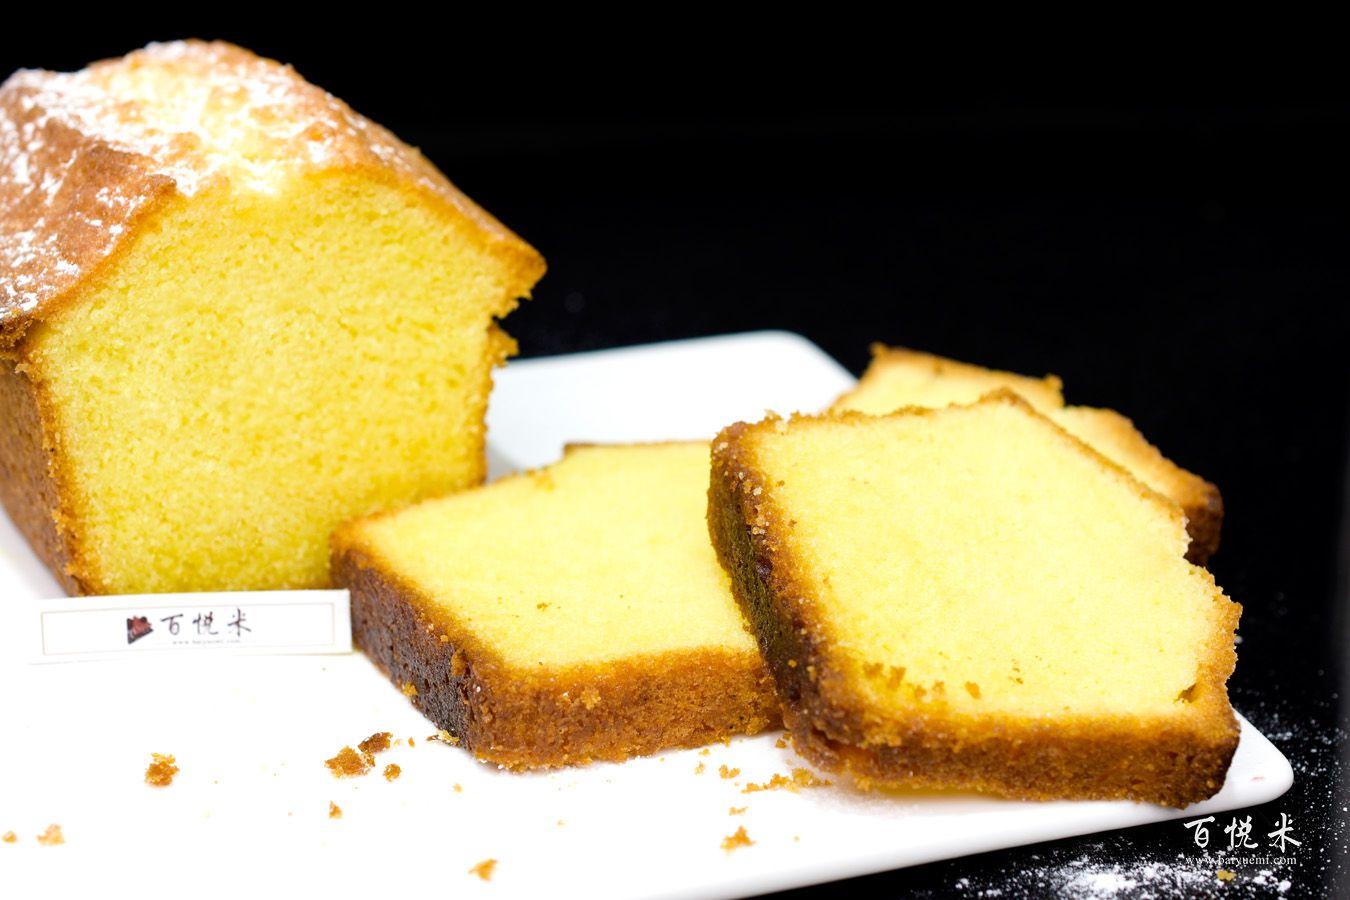 原味磅蛋糕的做法大全,原味磅蛋糕培训图文教程分享